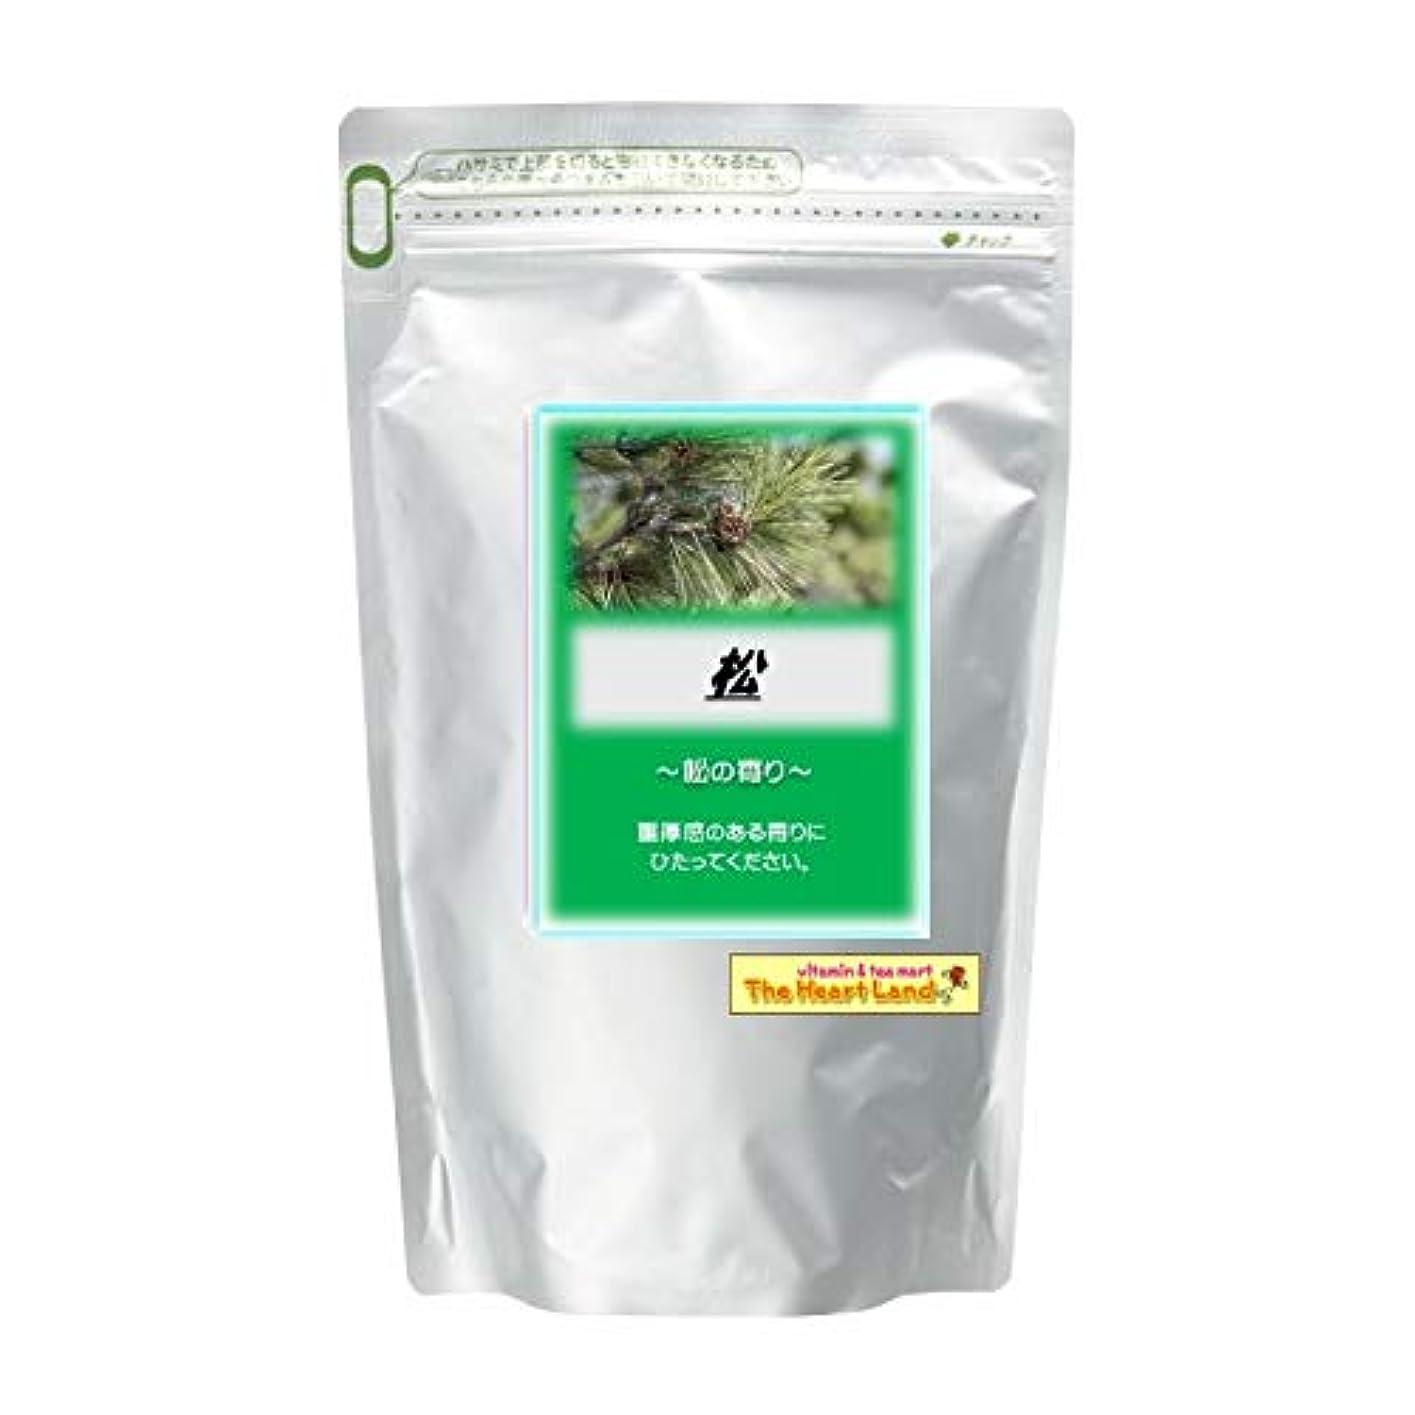 基本的なディプロマ関連付けるアサヒ入浴剤 浴用入浴化粧品 松 300g